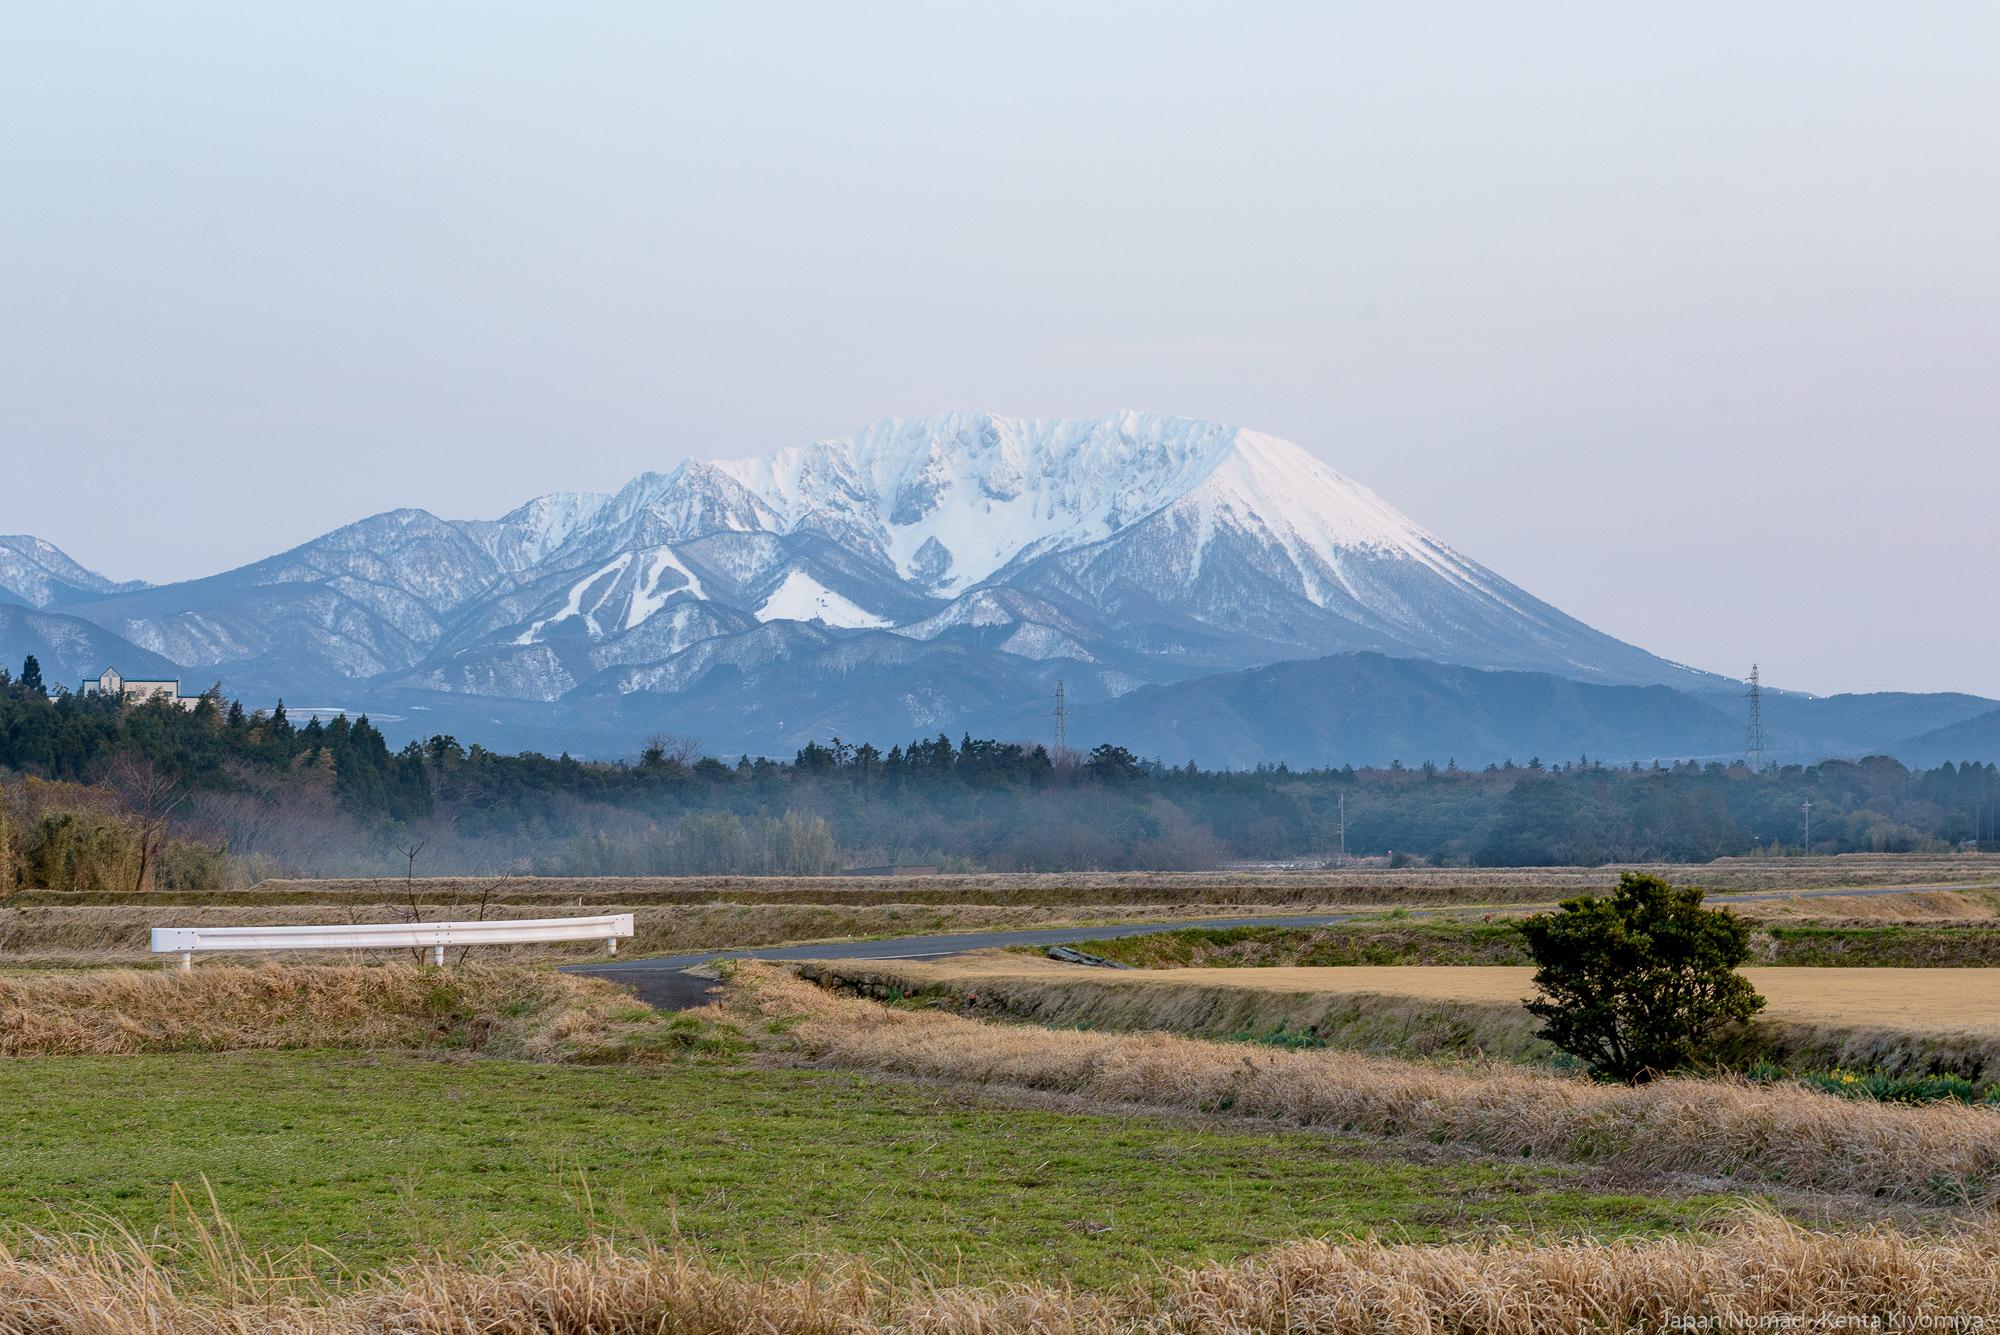 【旅169日目】白兎神社で恋占いをして、大山の麓へ!